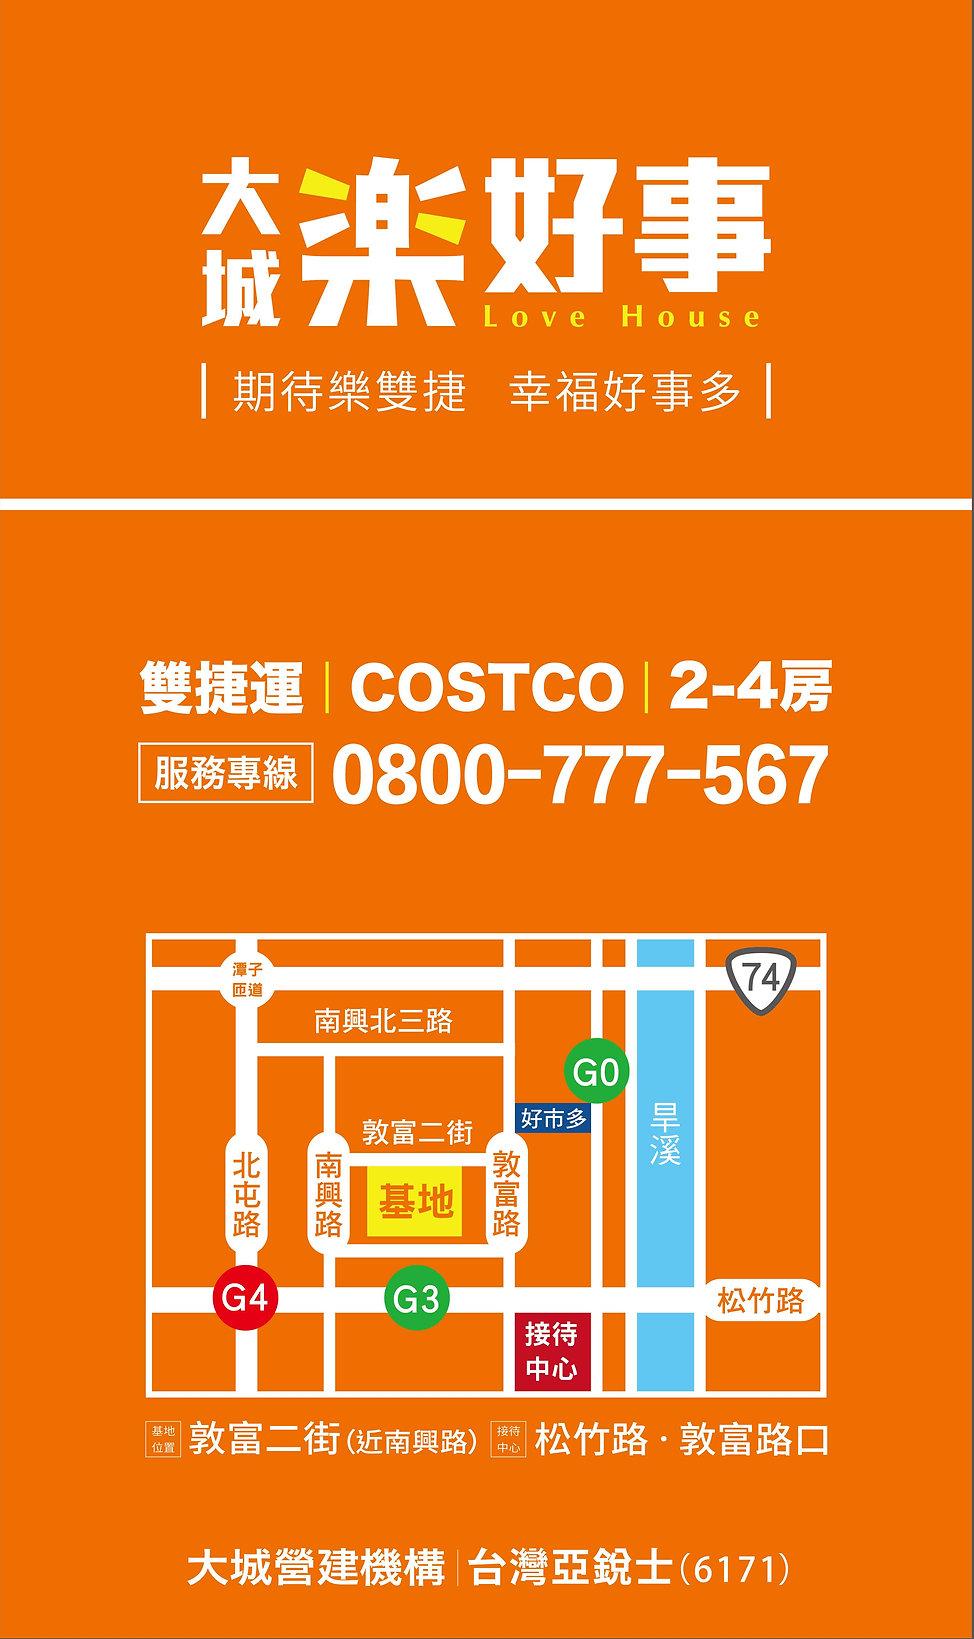 1080905-大城樂好事EDM-開案-12.jpg